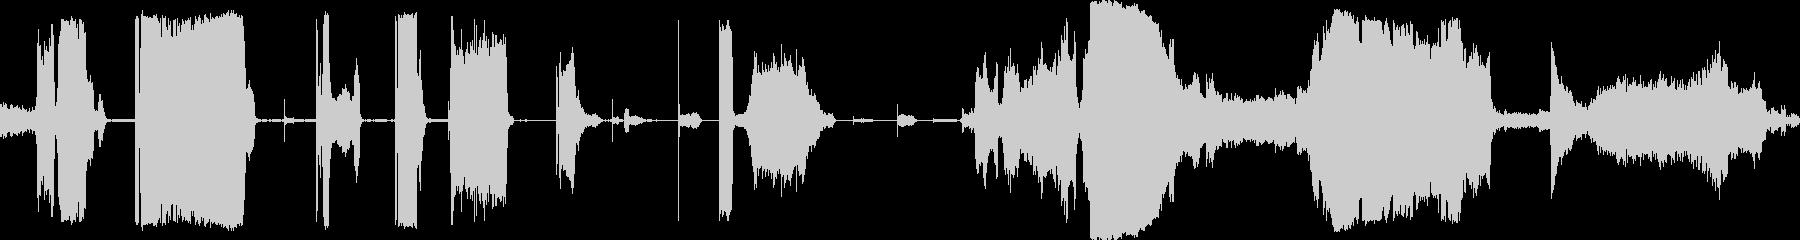 きしみ音オフのコンプレッサーの未再生の波形